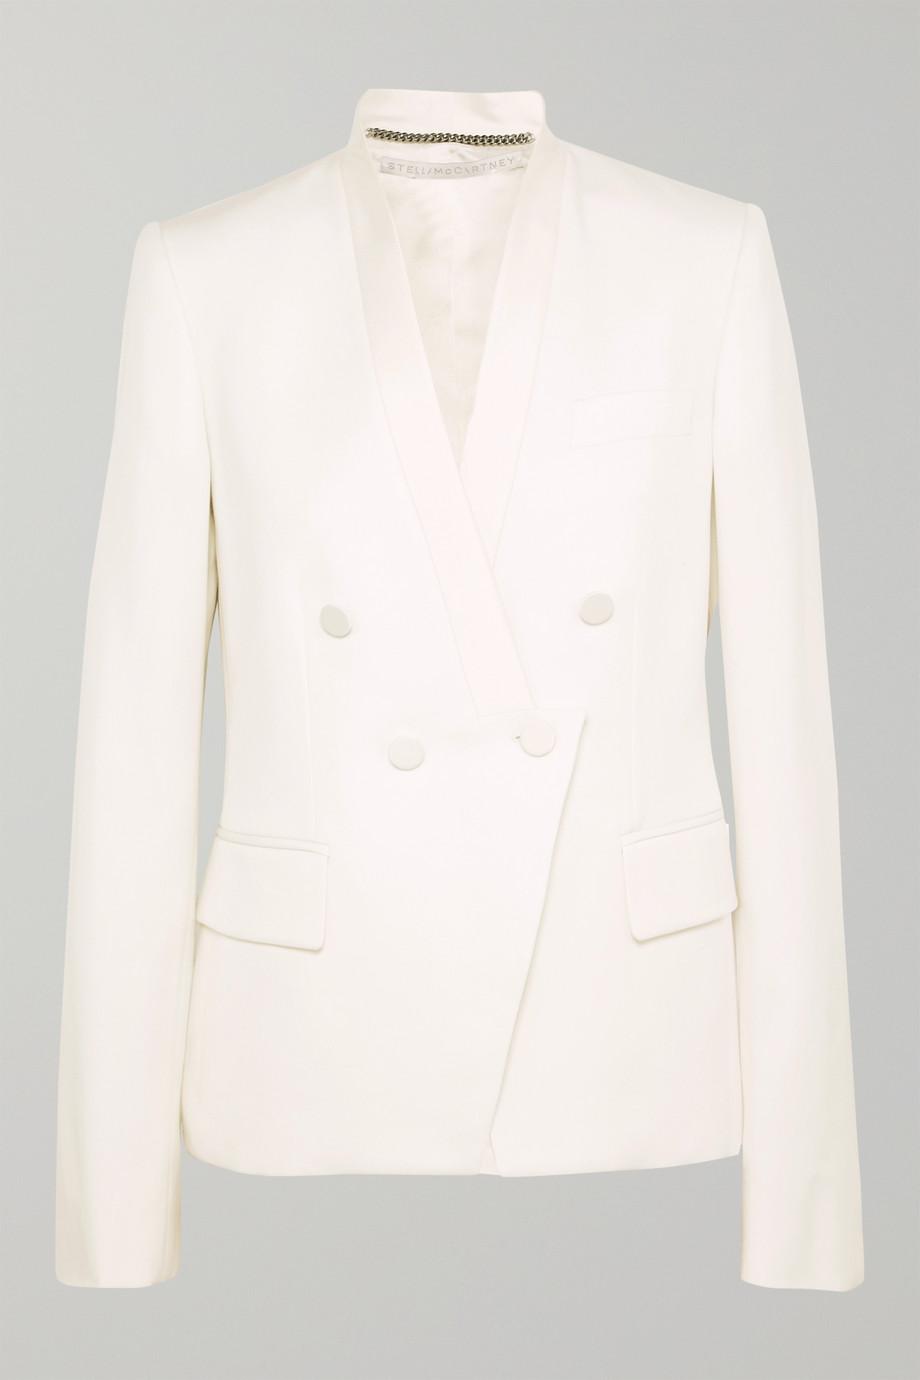 Stella McCartney Satin-trimmed grain de poudre wool blazer